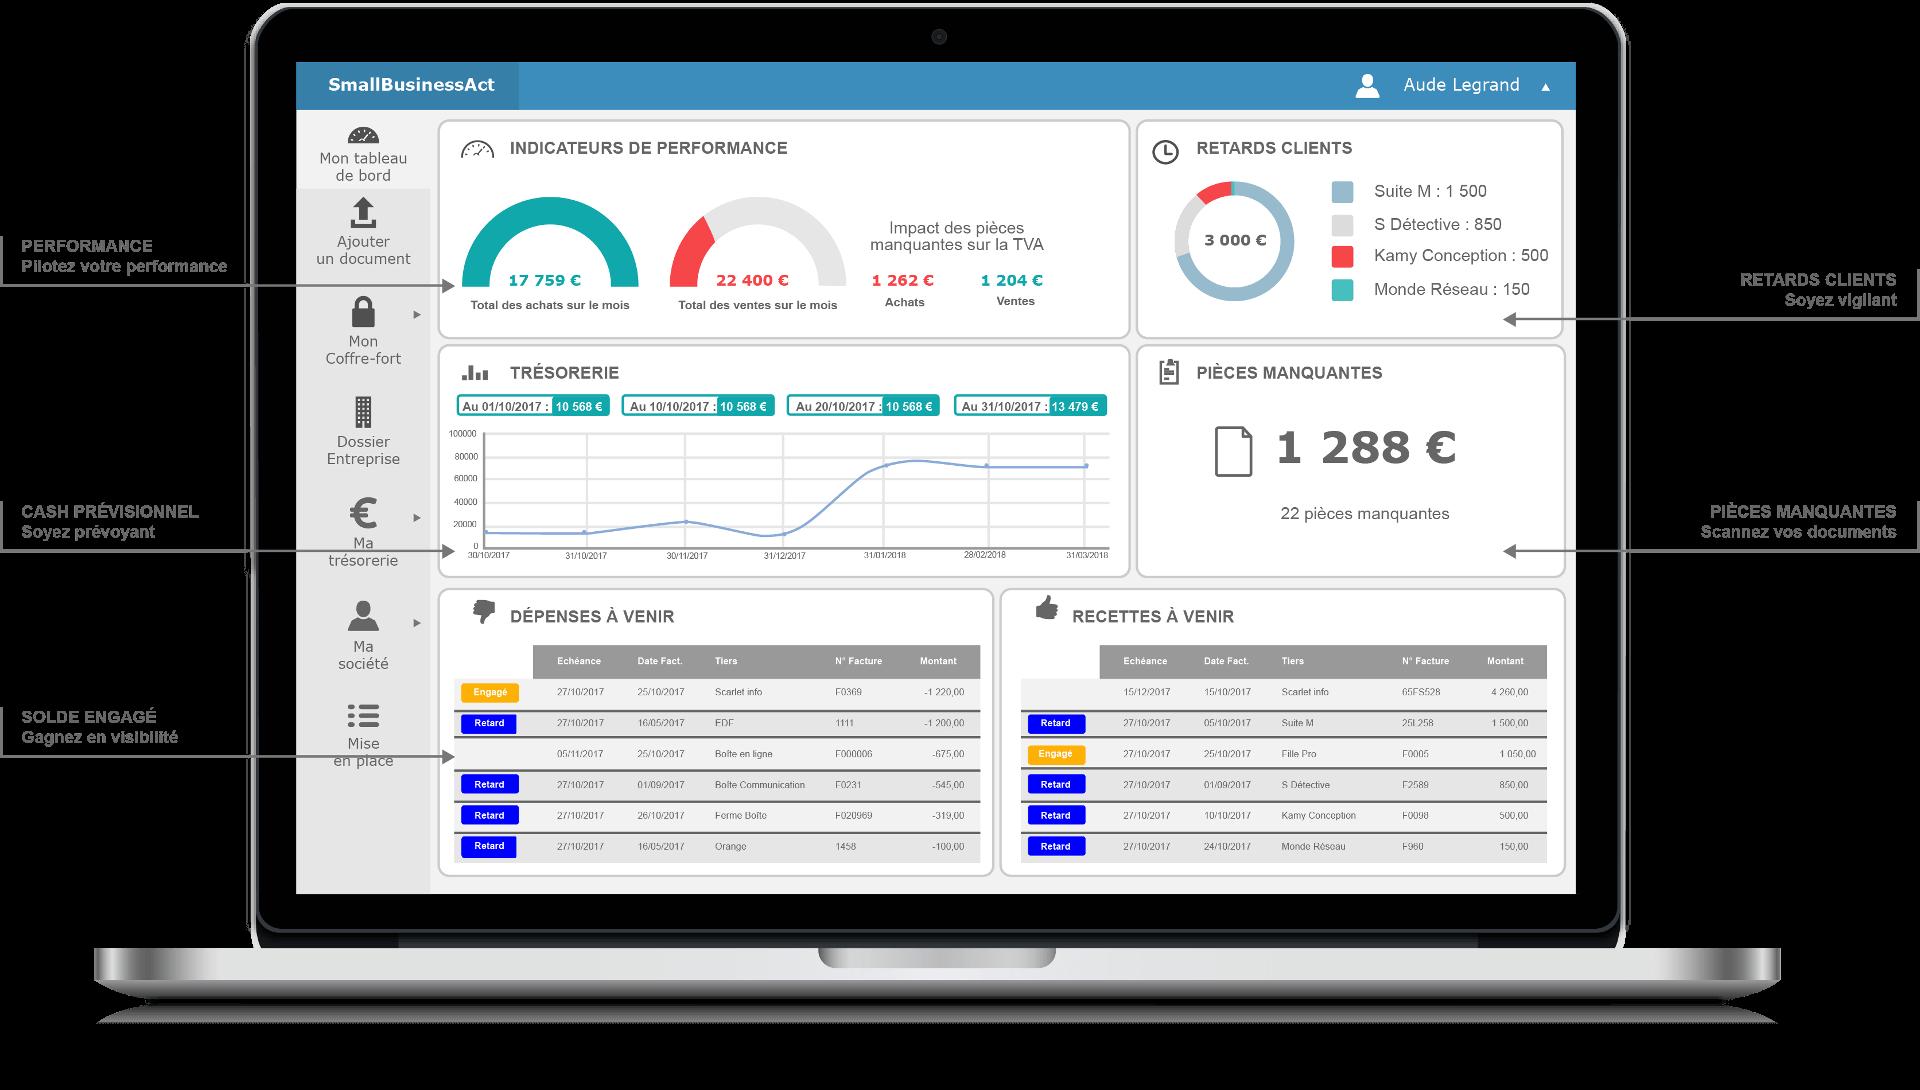 Expert comptable en ligne tableaux de bord cash control et indicateurs clés performance